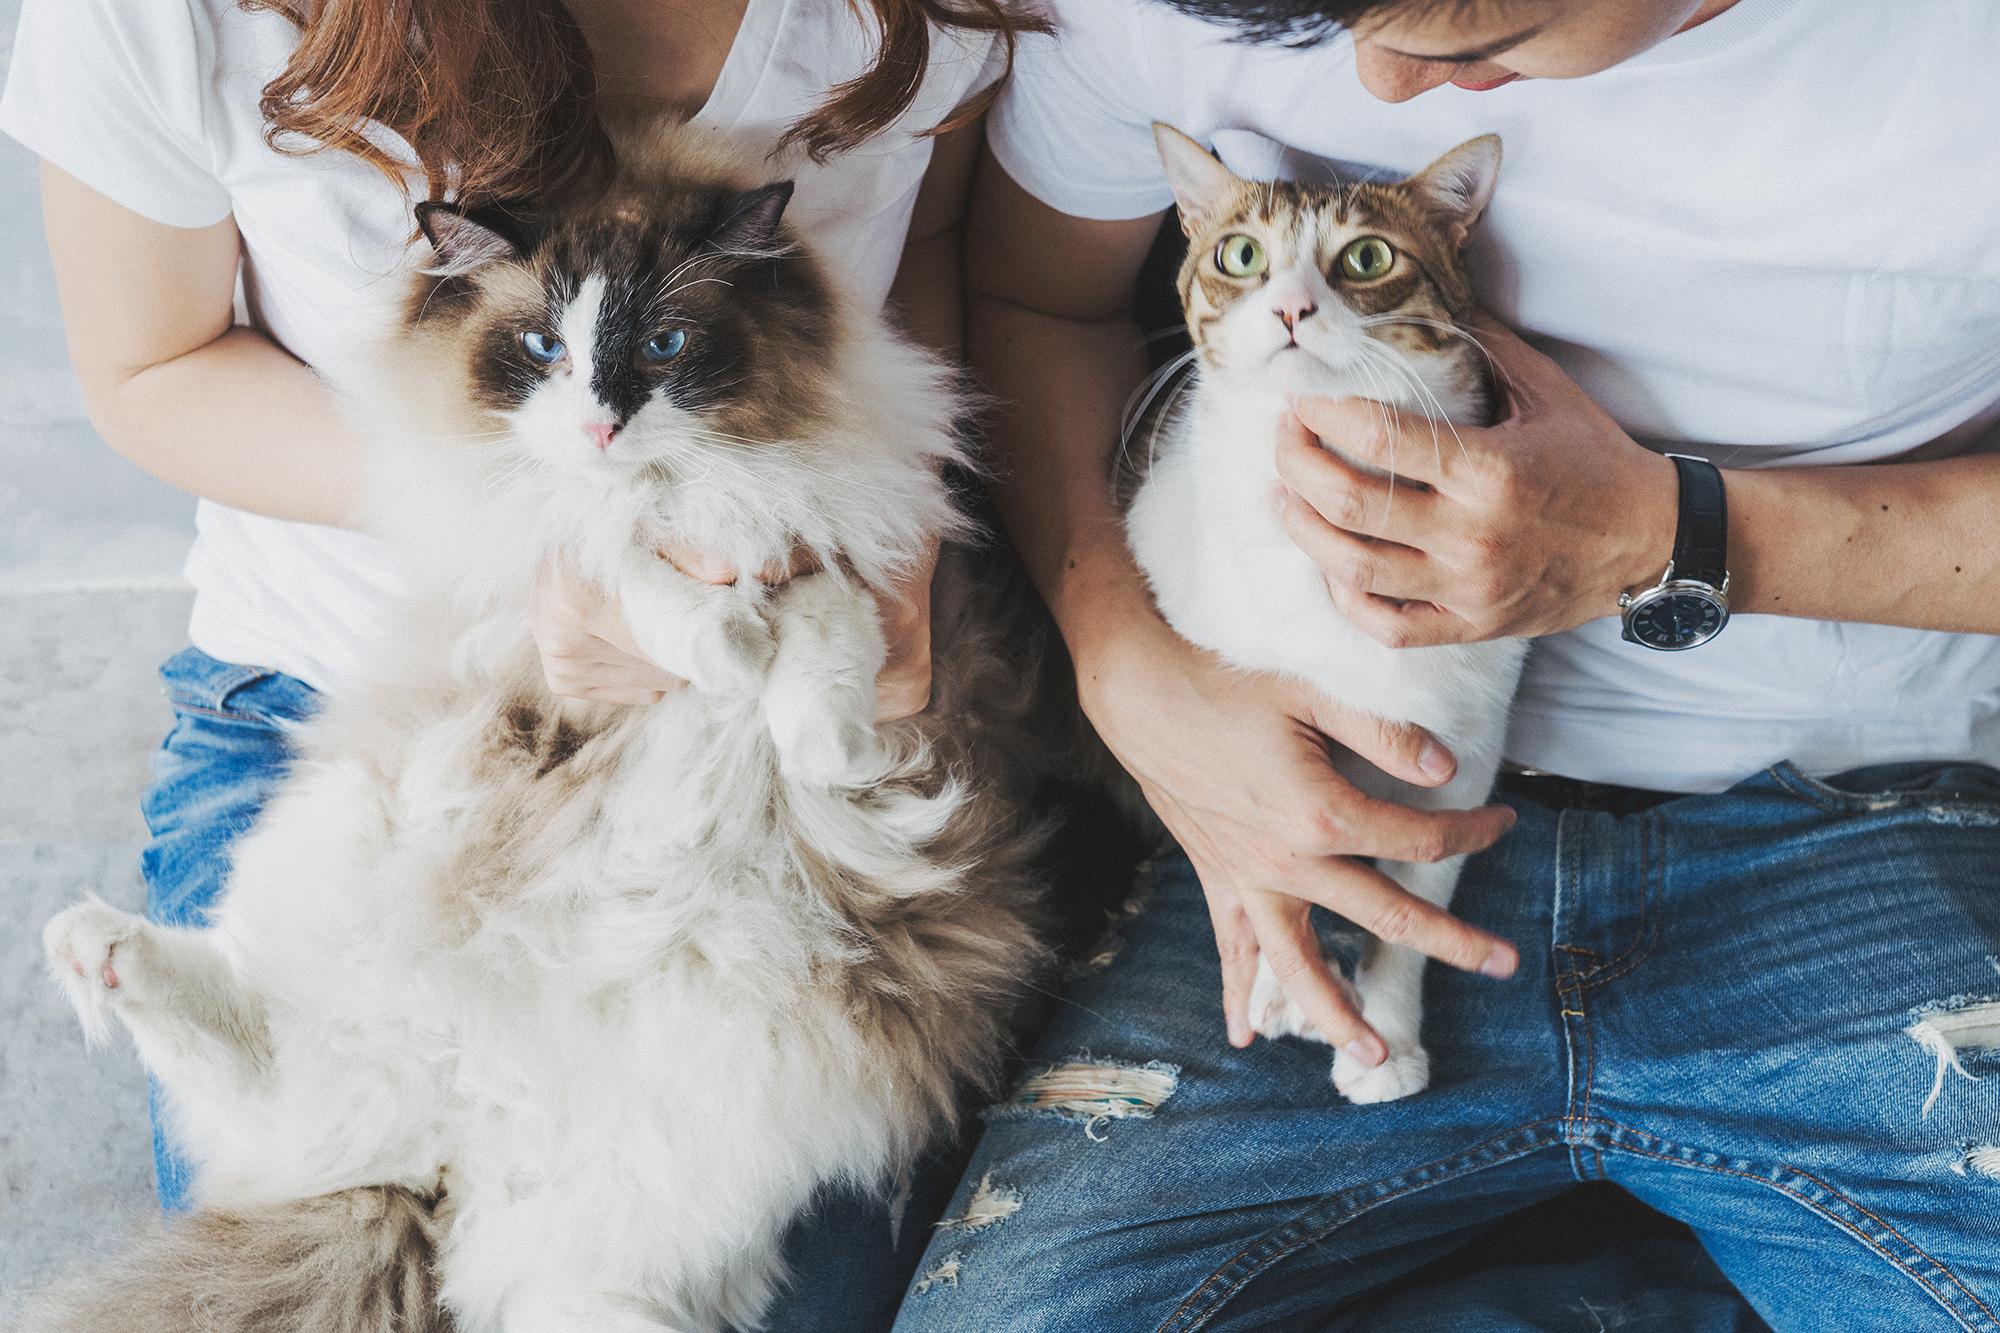 寵物寫真,兒童寫真,寵物全家福,全家福,寵物棚拍,貓咪寫真